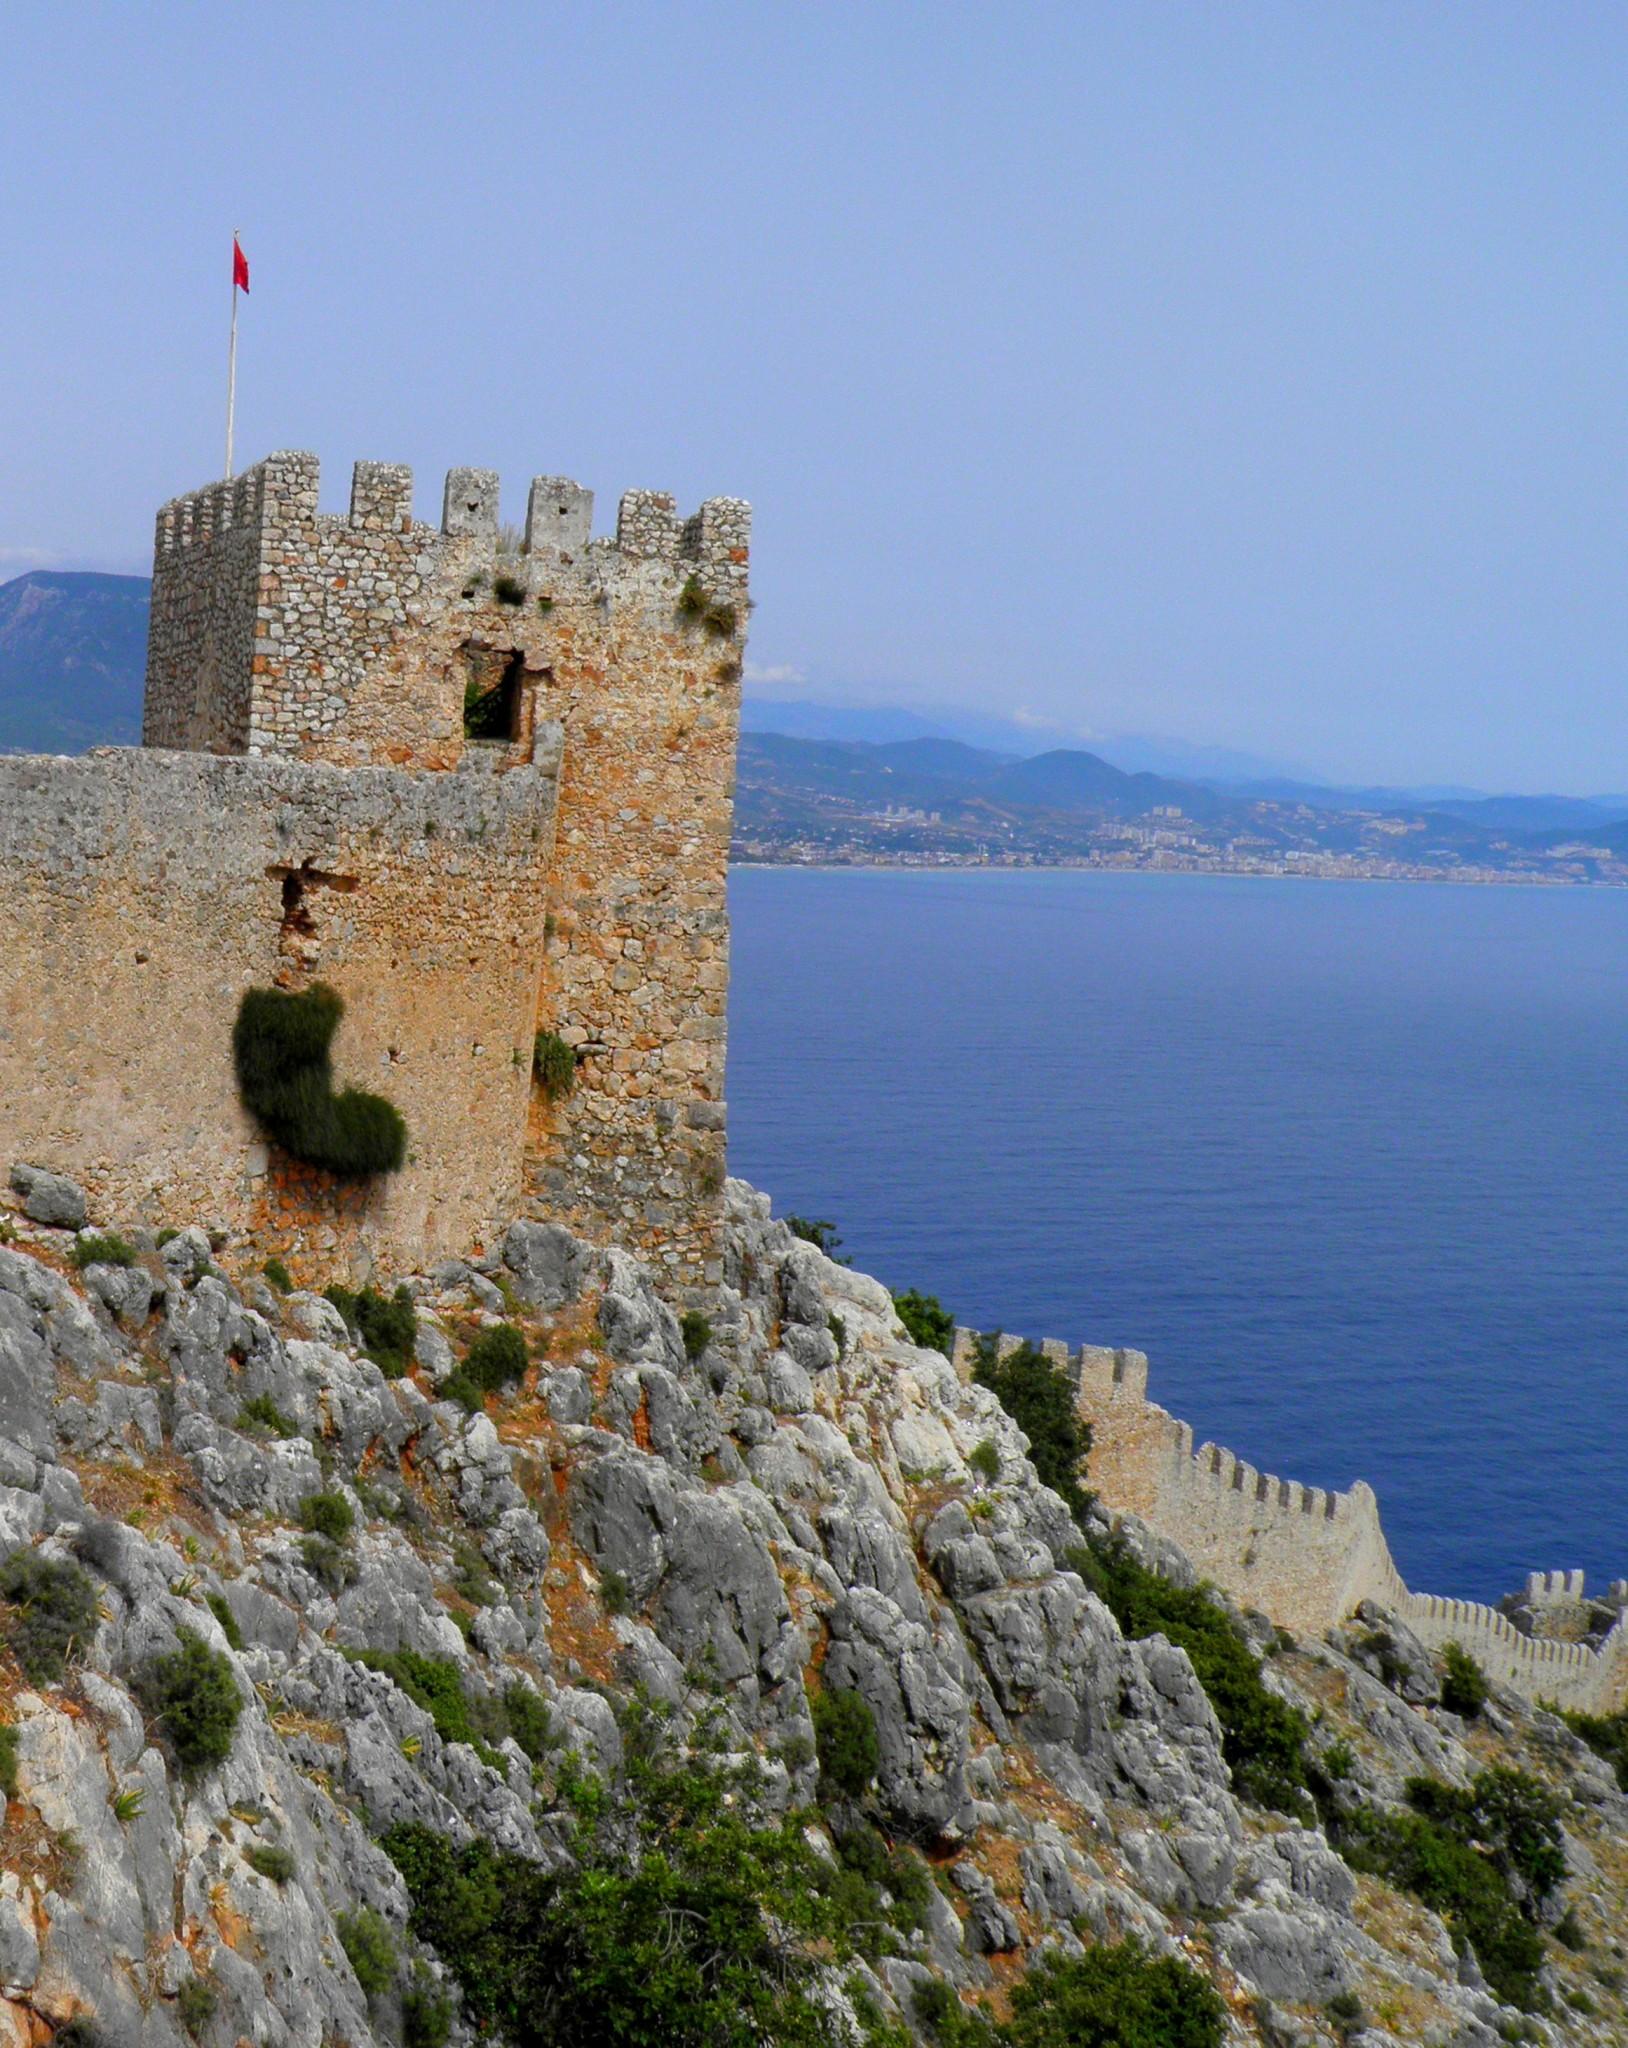 Kale (turkiksi) tarkoittaa linnaa